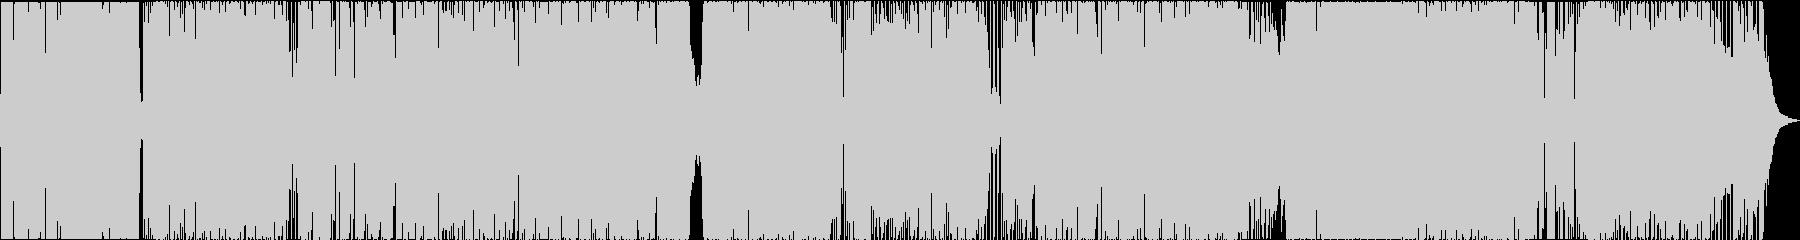 ストリングス+オシャレ4つ打ちの未再生の波形